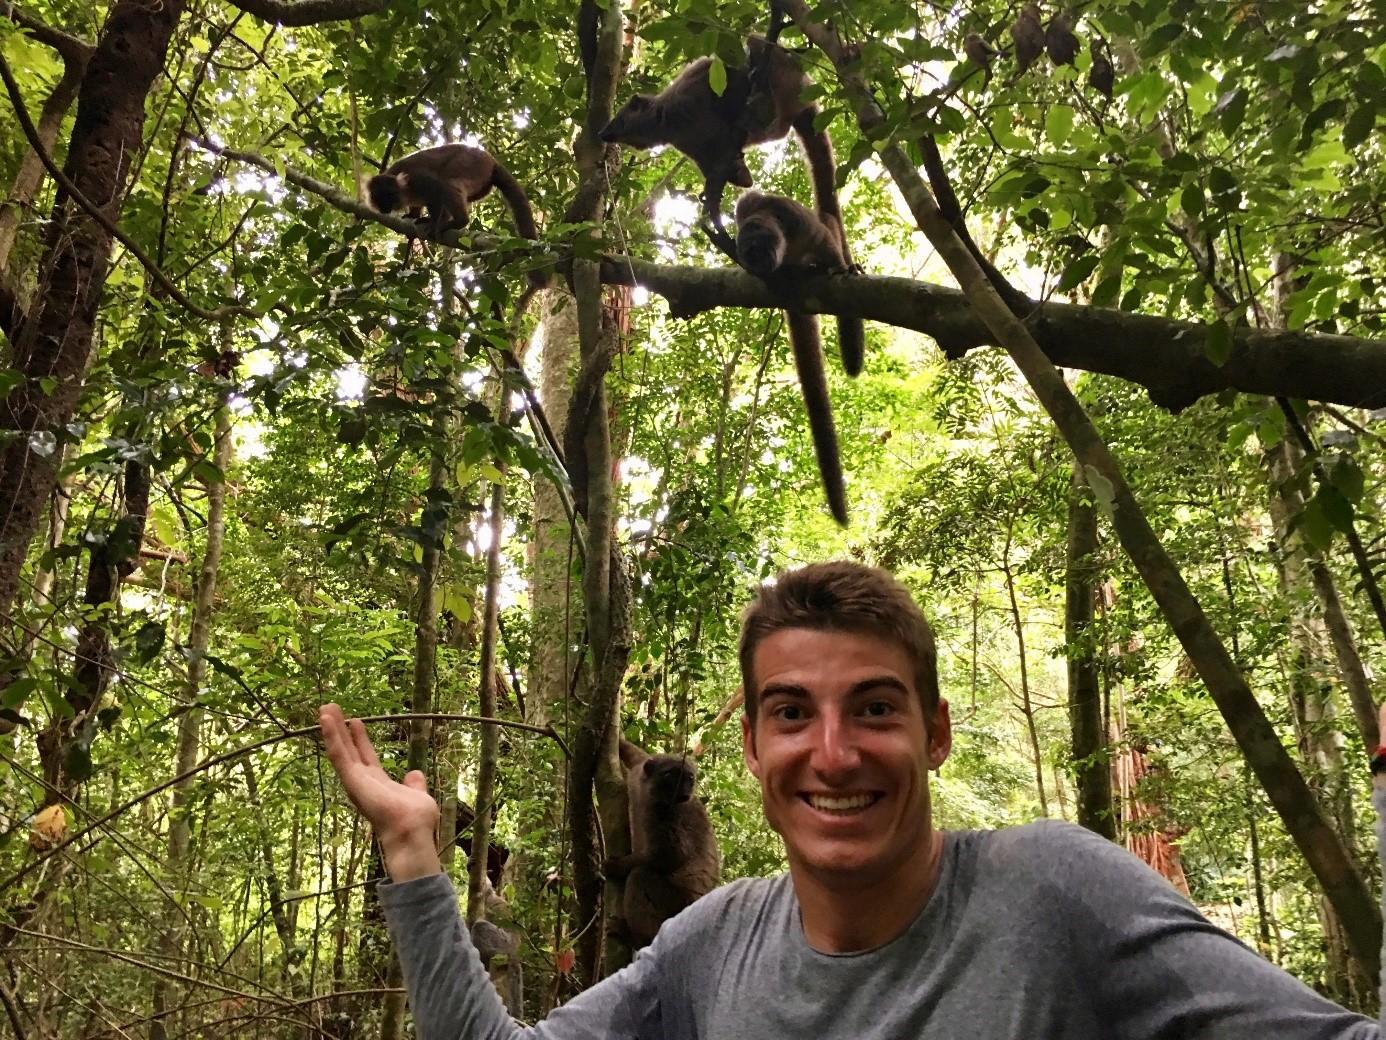 mann-vor-lemuren-affen-madagaskar